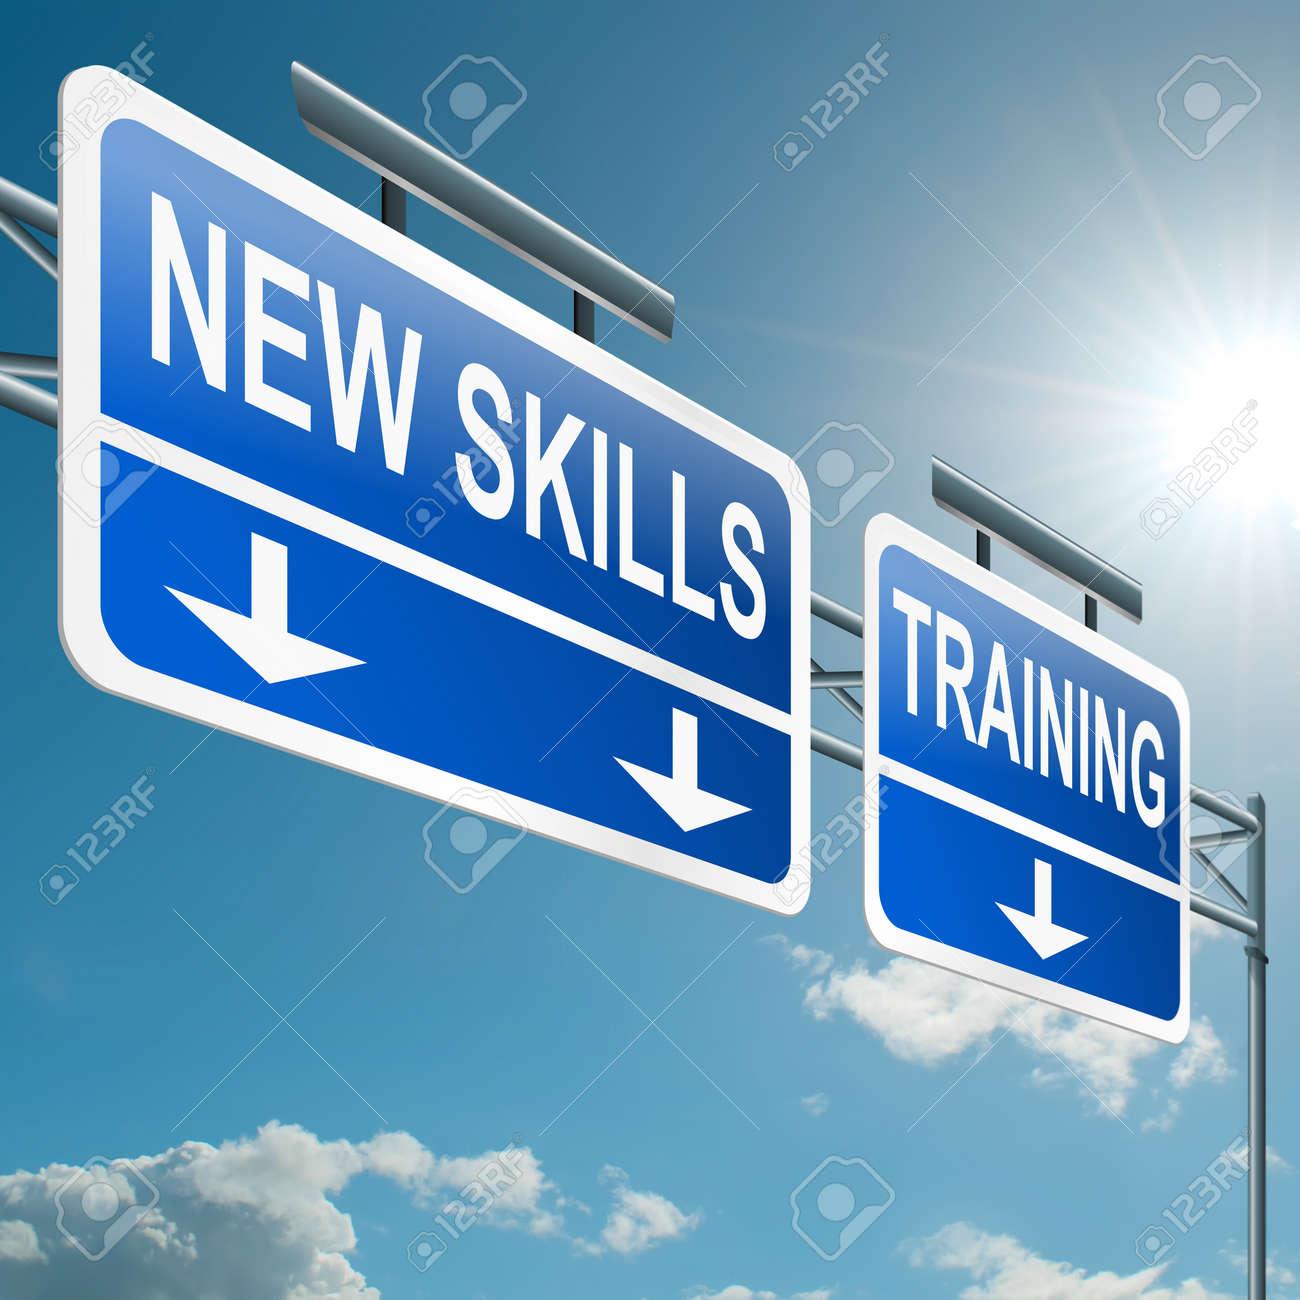 illustration depicting a highway gantry sign a new skills illustration illustration depicting a highway gantry sign a new skills and training concept blue sky background